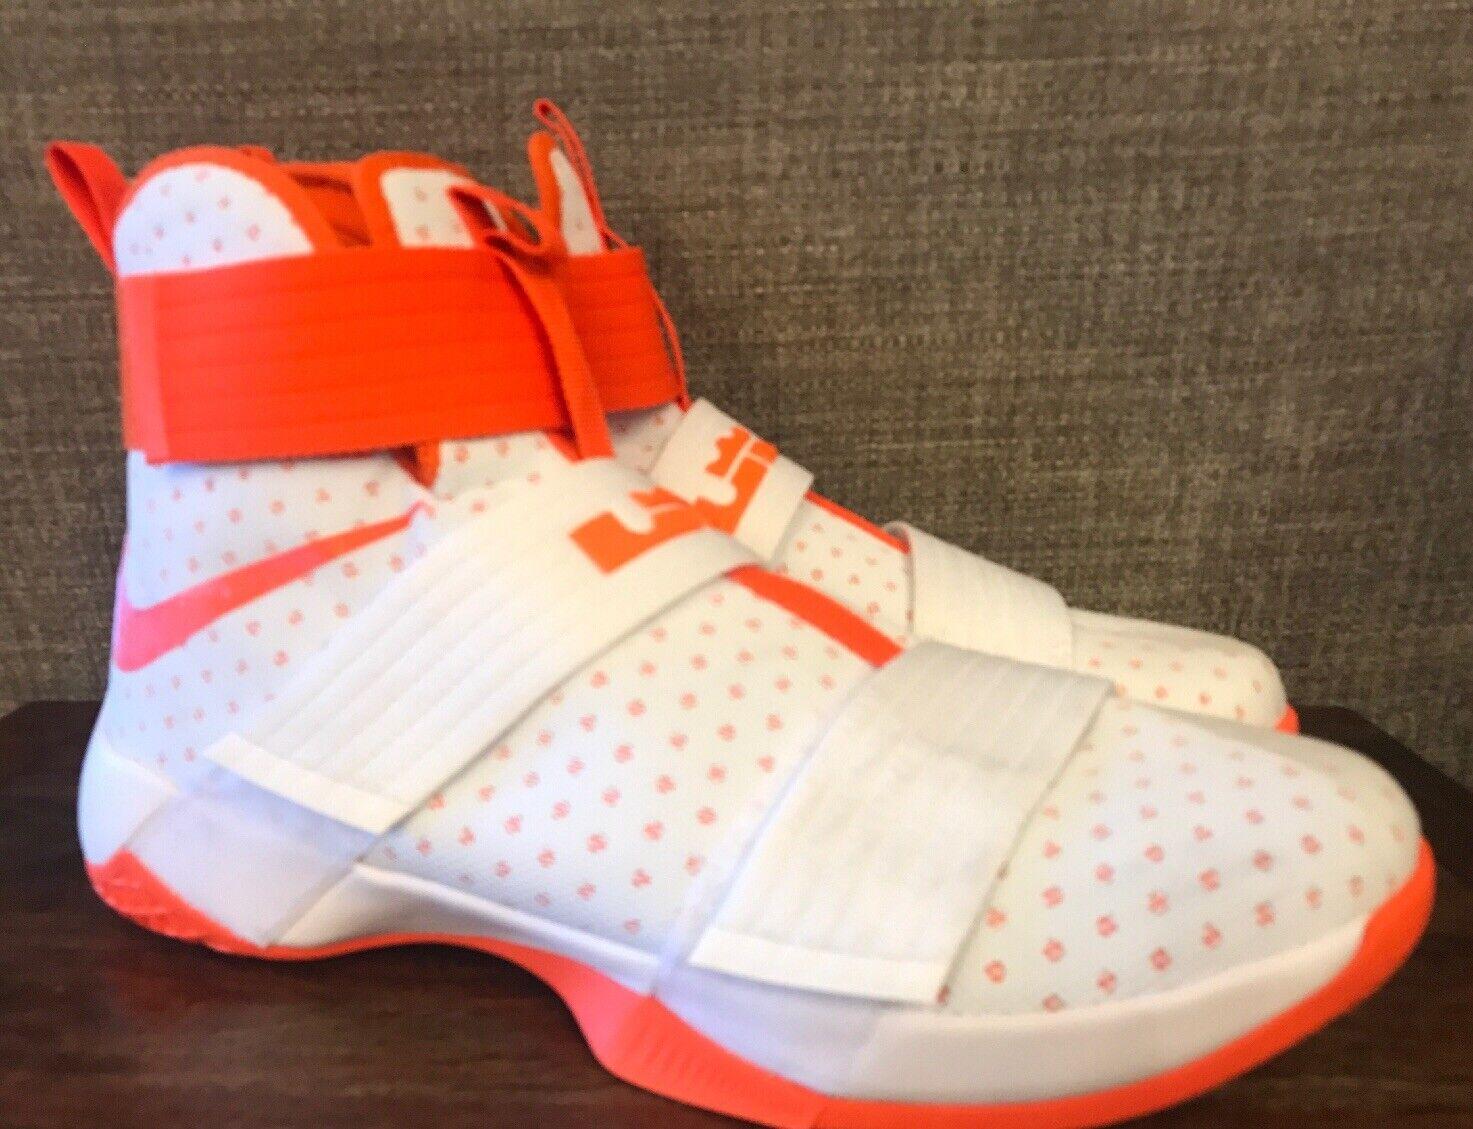 Nike Men's LeBron Soldier 10 TB Promo White orange Blaze Size 14 856489-180